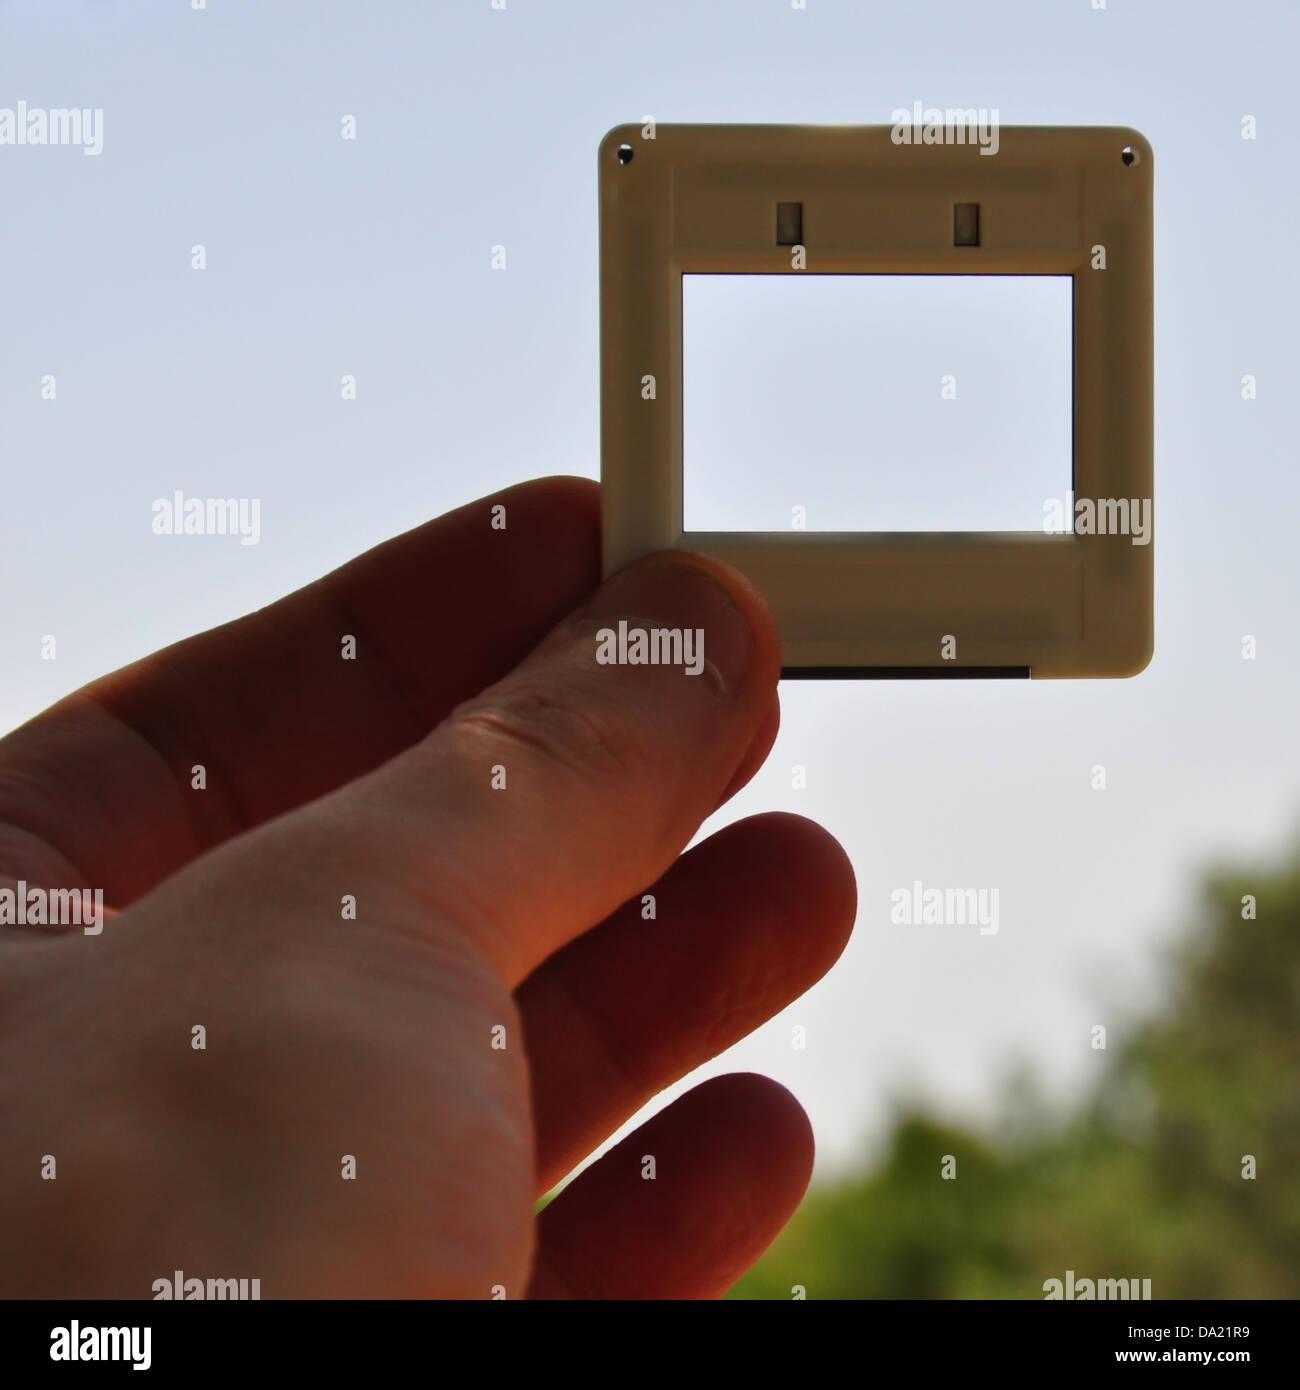 Mano con vuoto diapositiva fotografica cornice immagine. Posizionare la propria immagine o testo. Foto Stock